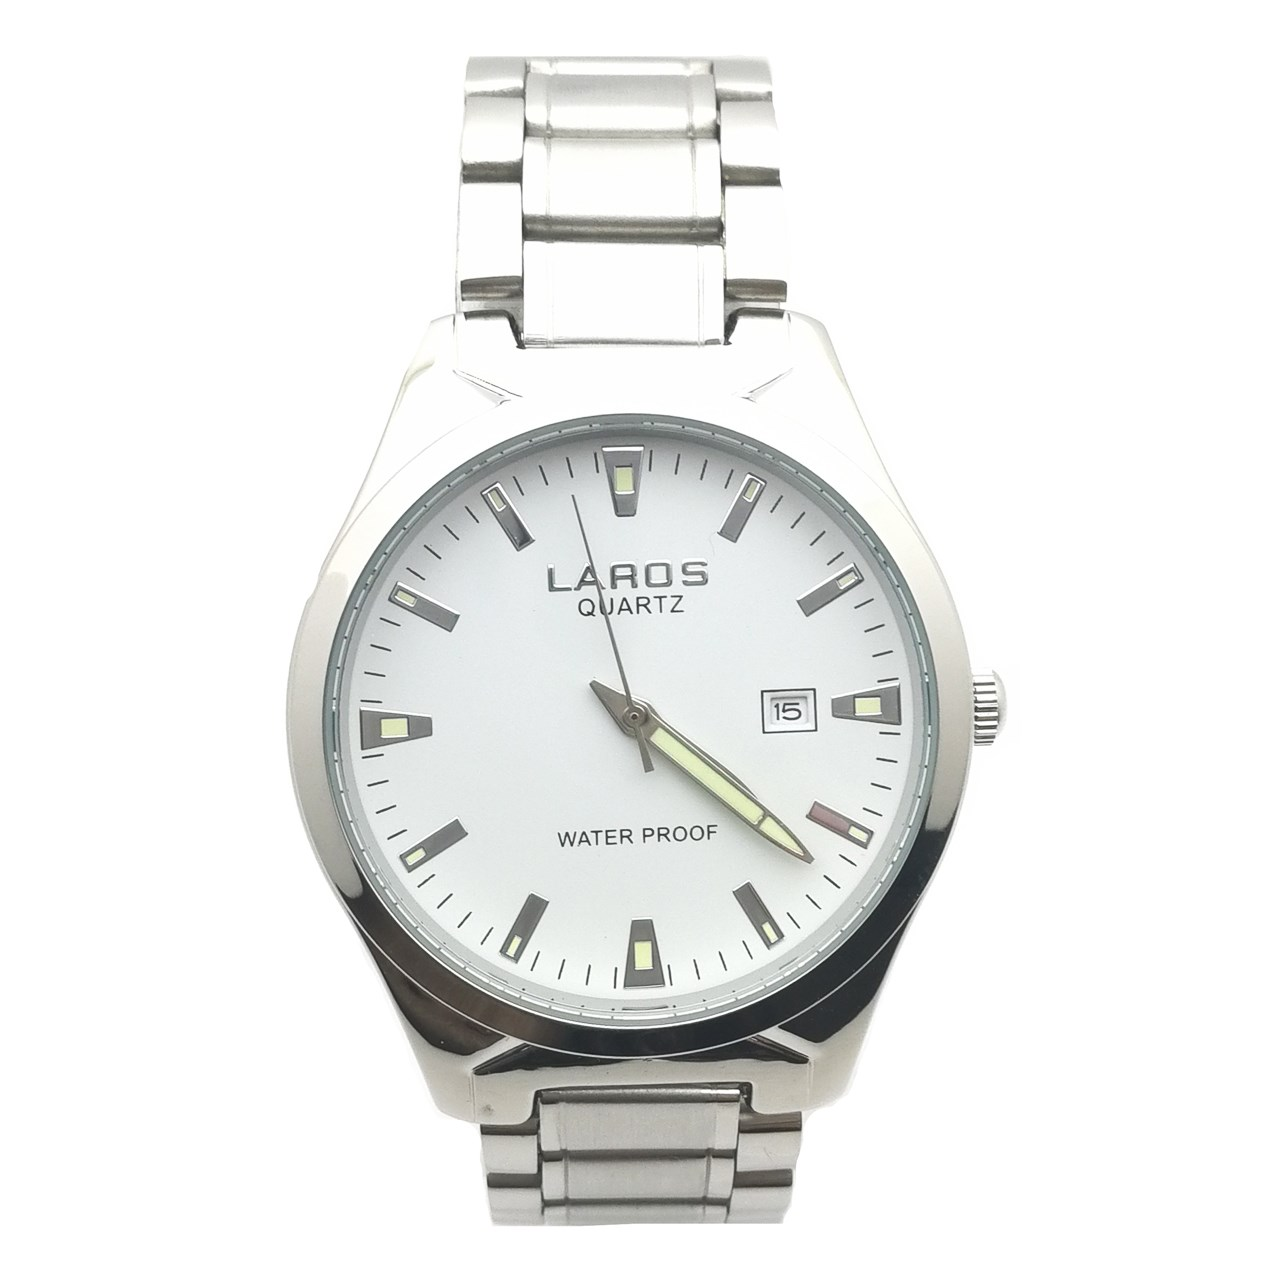 ساعت  لاروس مدل LM-N372-White